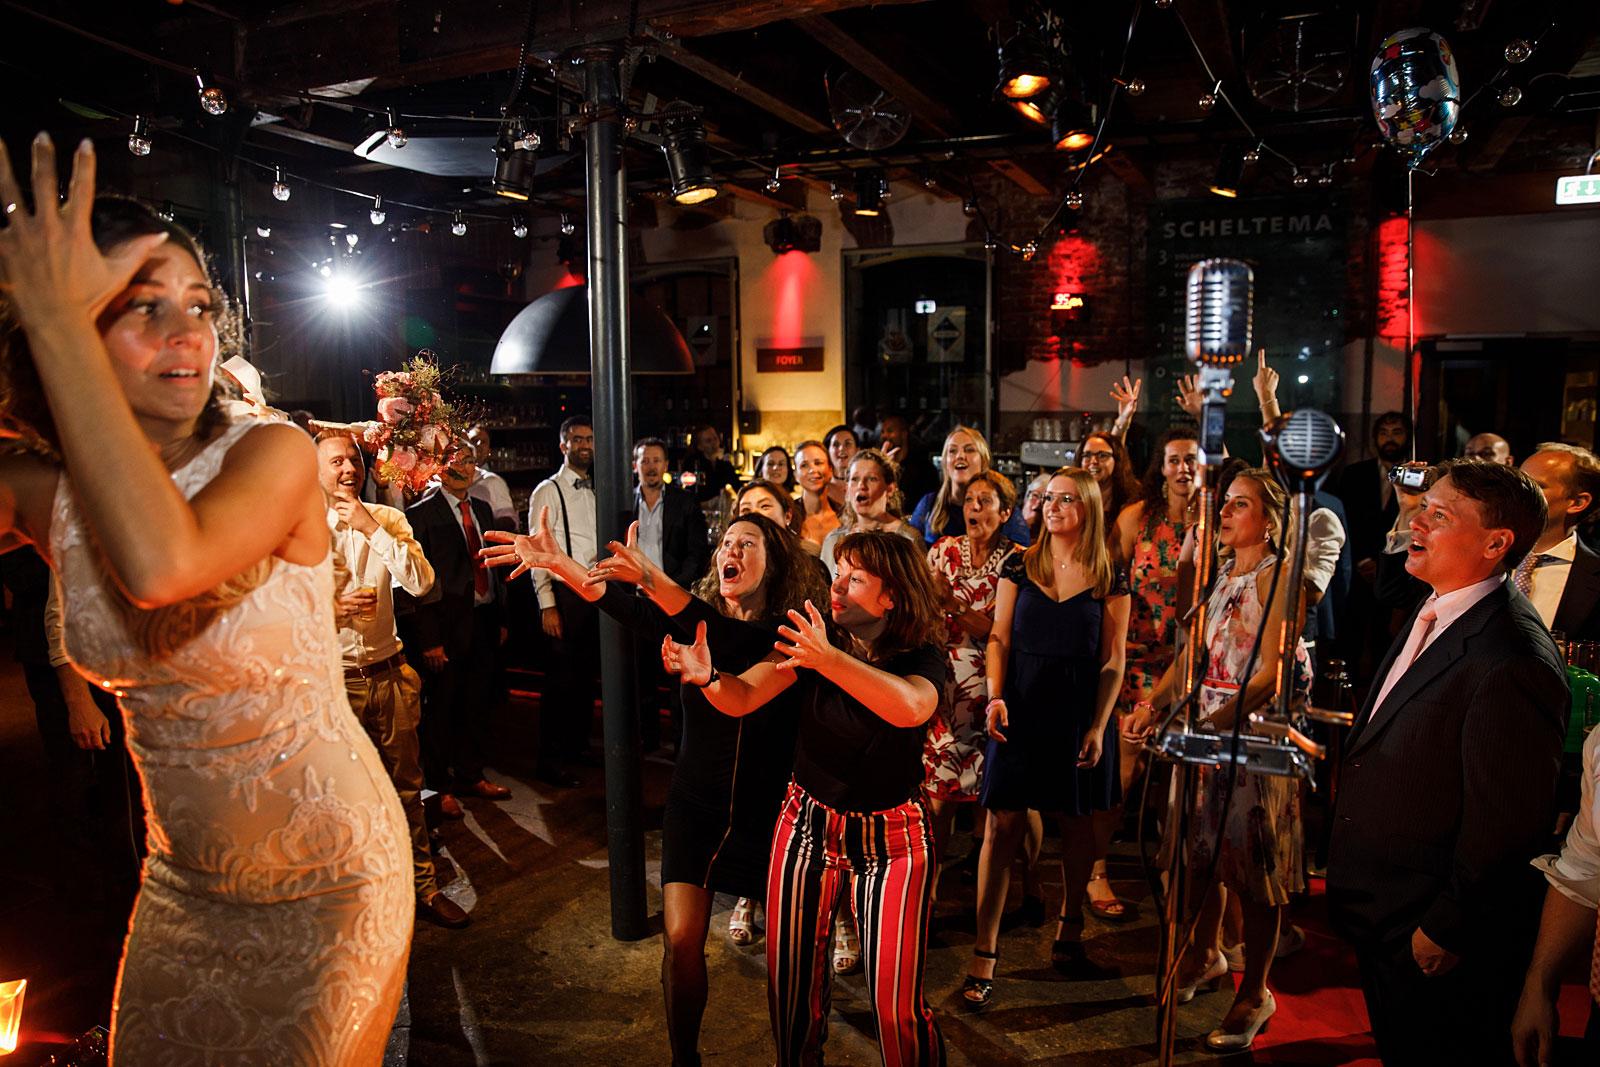 35-bruiloft-feest-scheltema-leiden